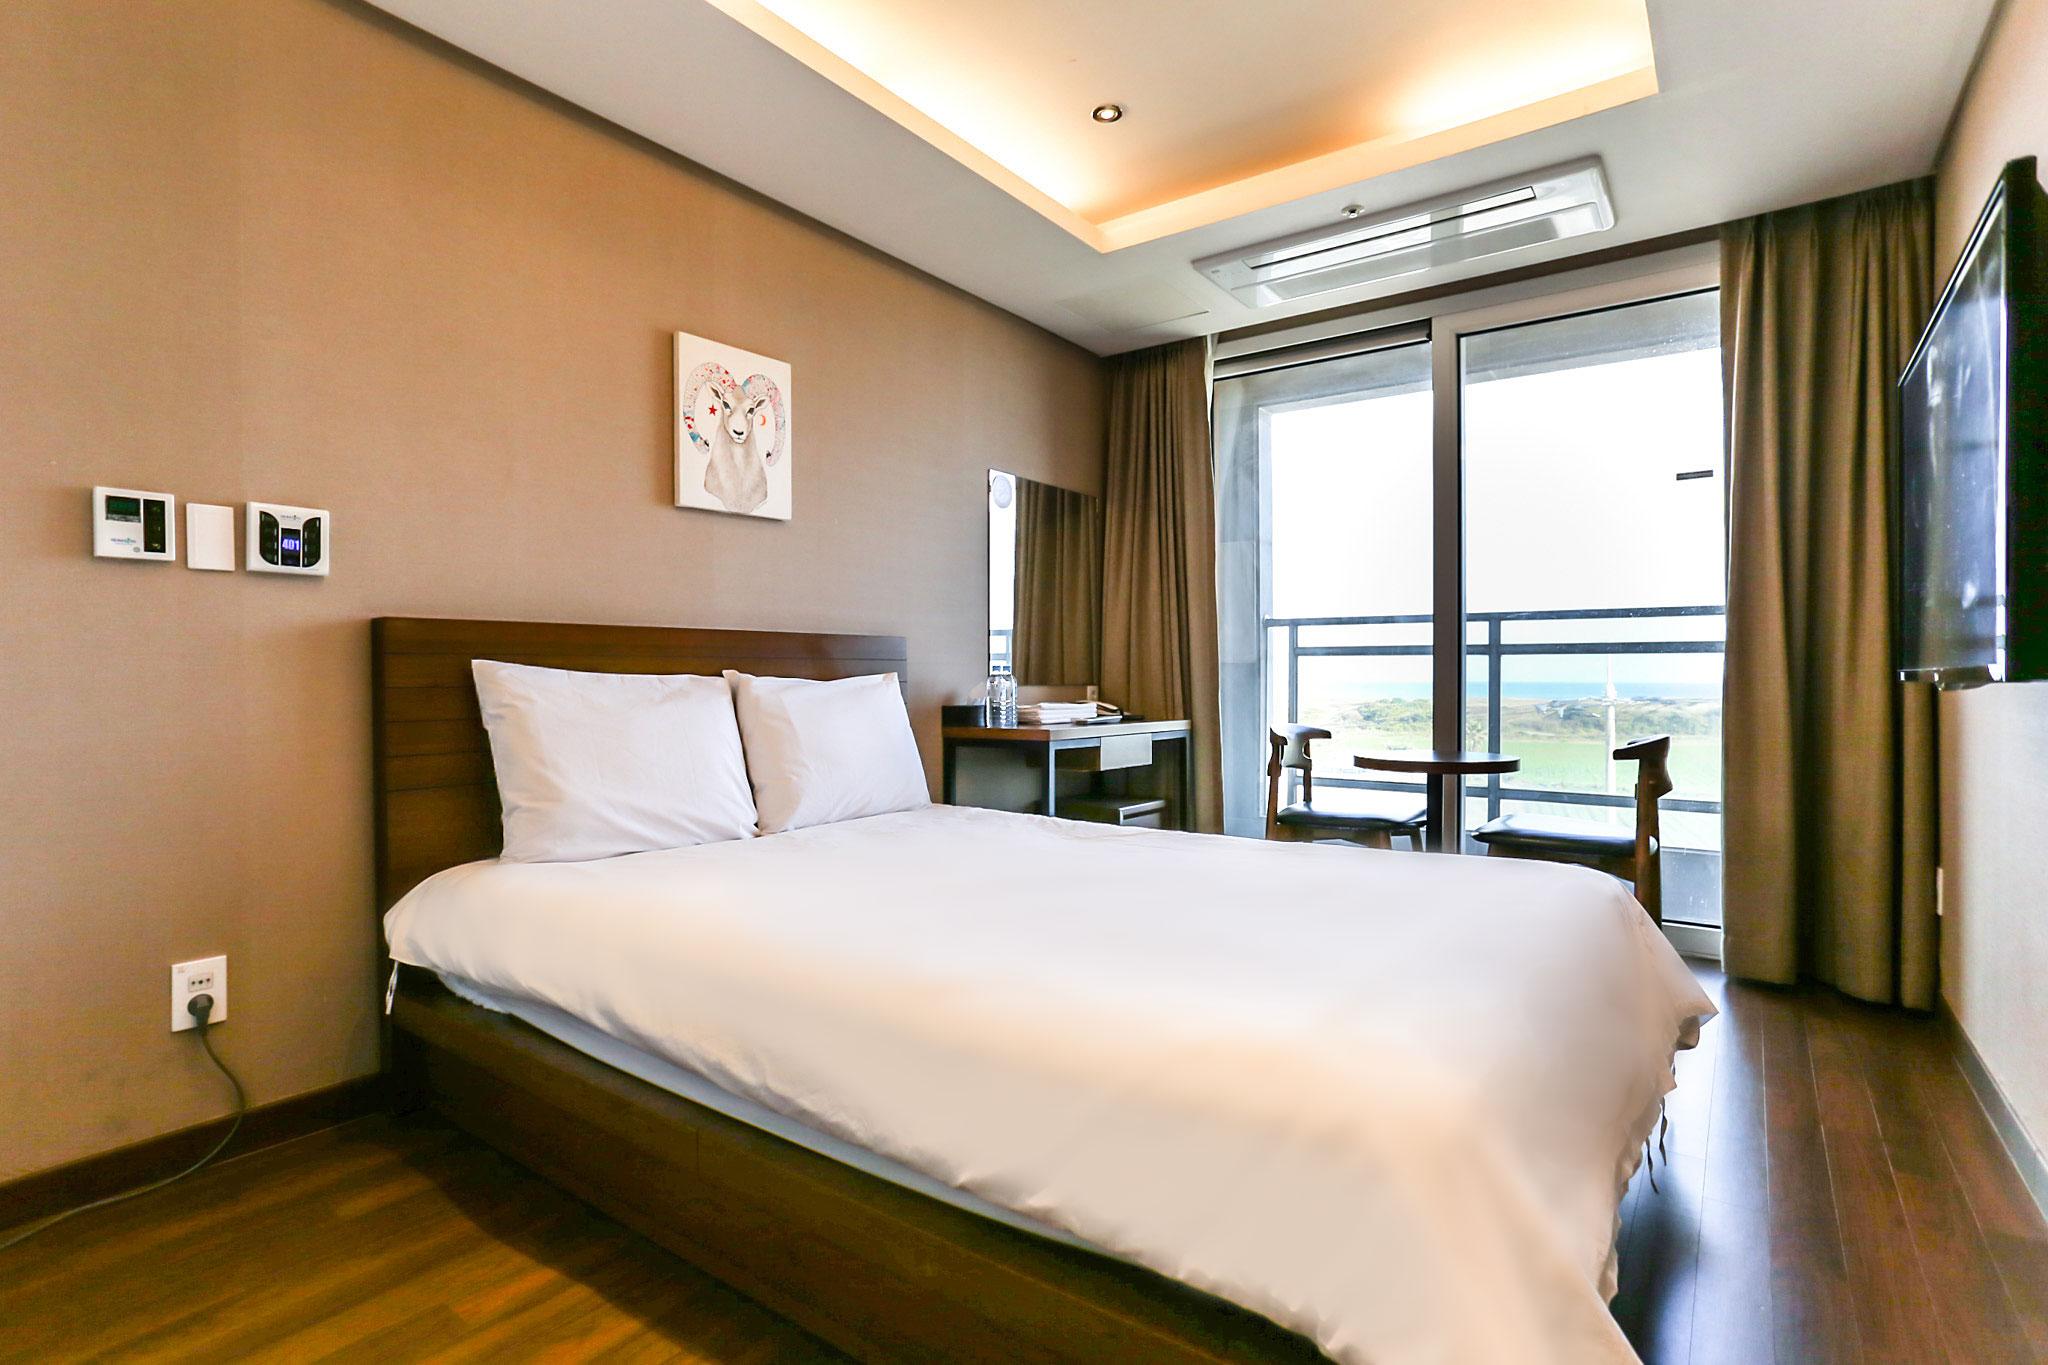 서귀포(성산) 호텔 MCC 이미지1